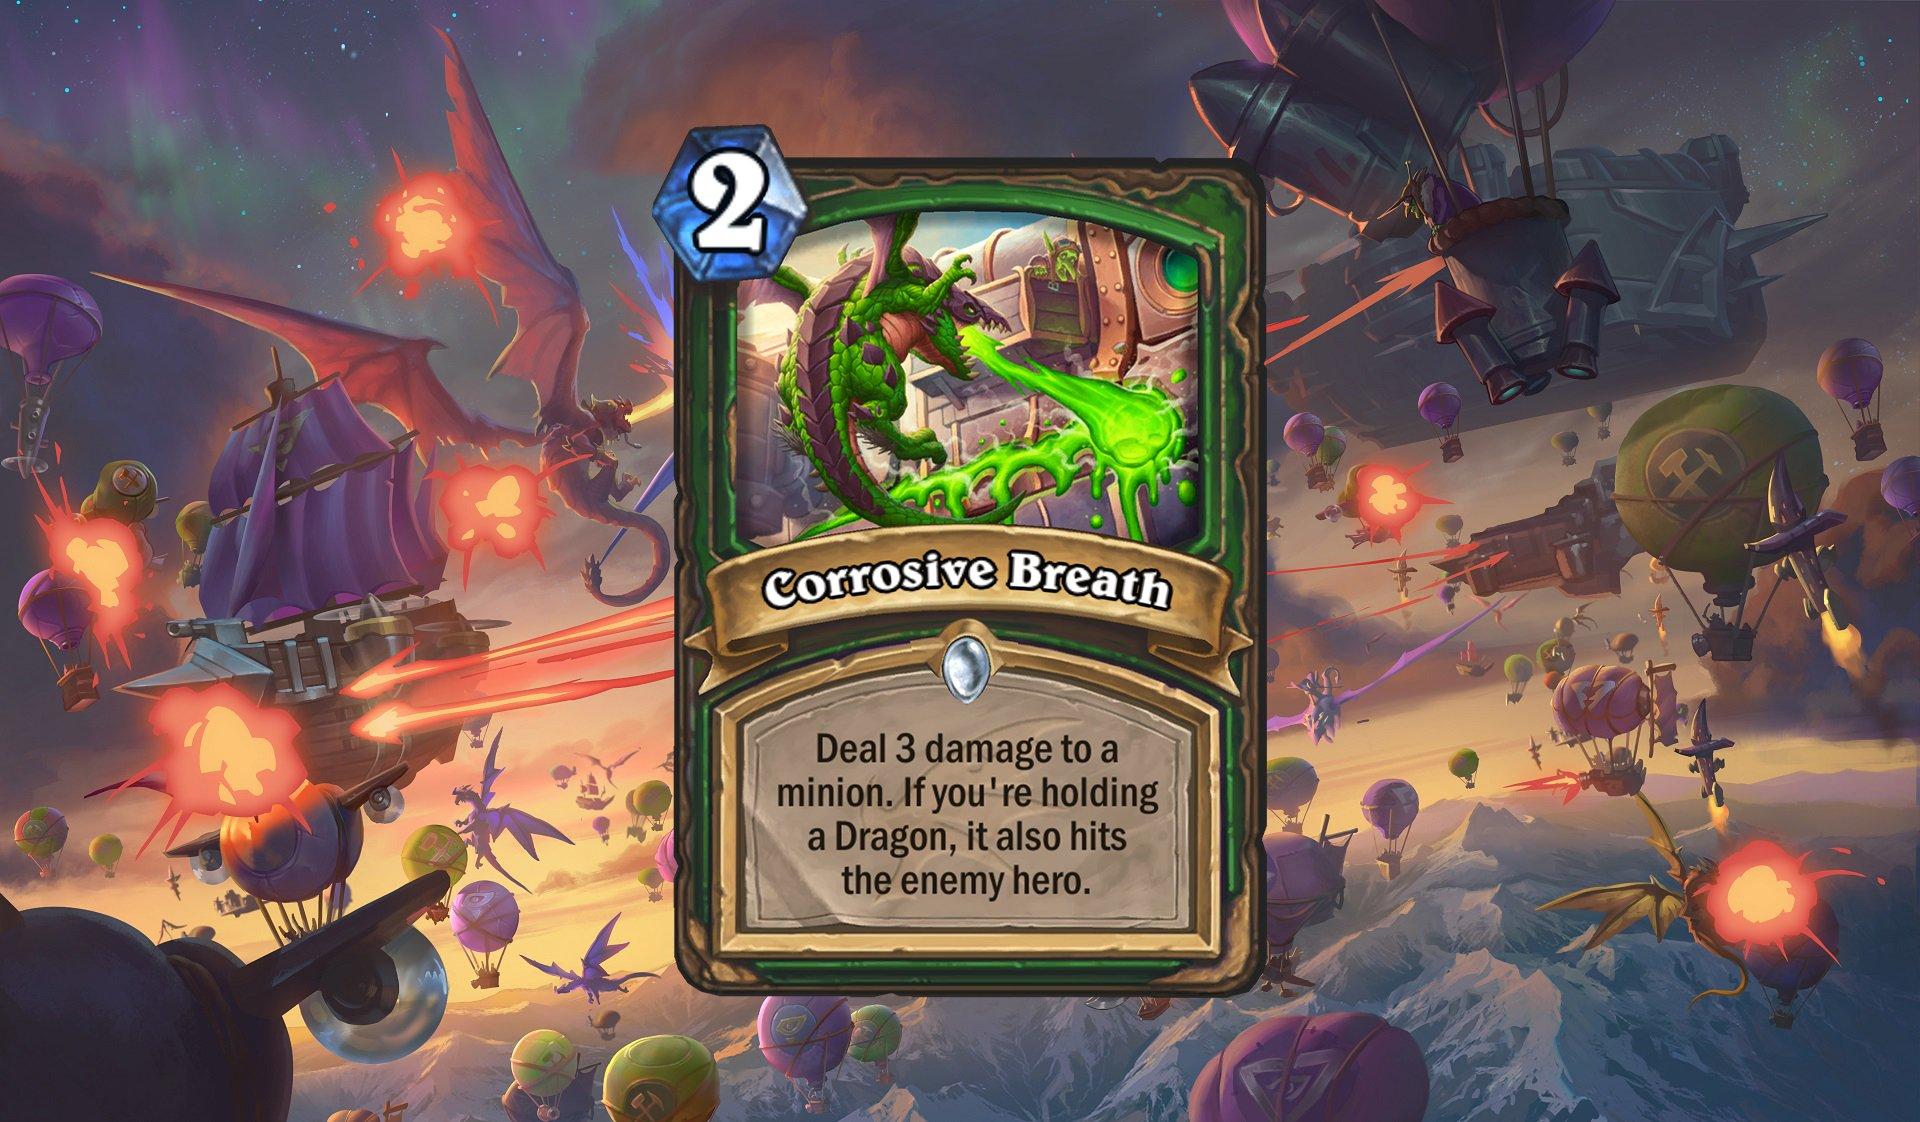 Hearthstone - Corrosive Breath